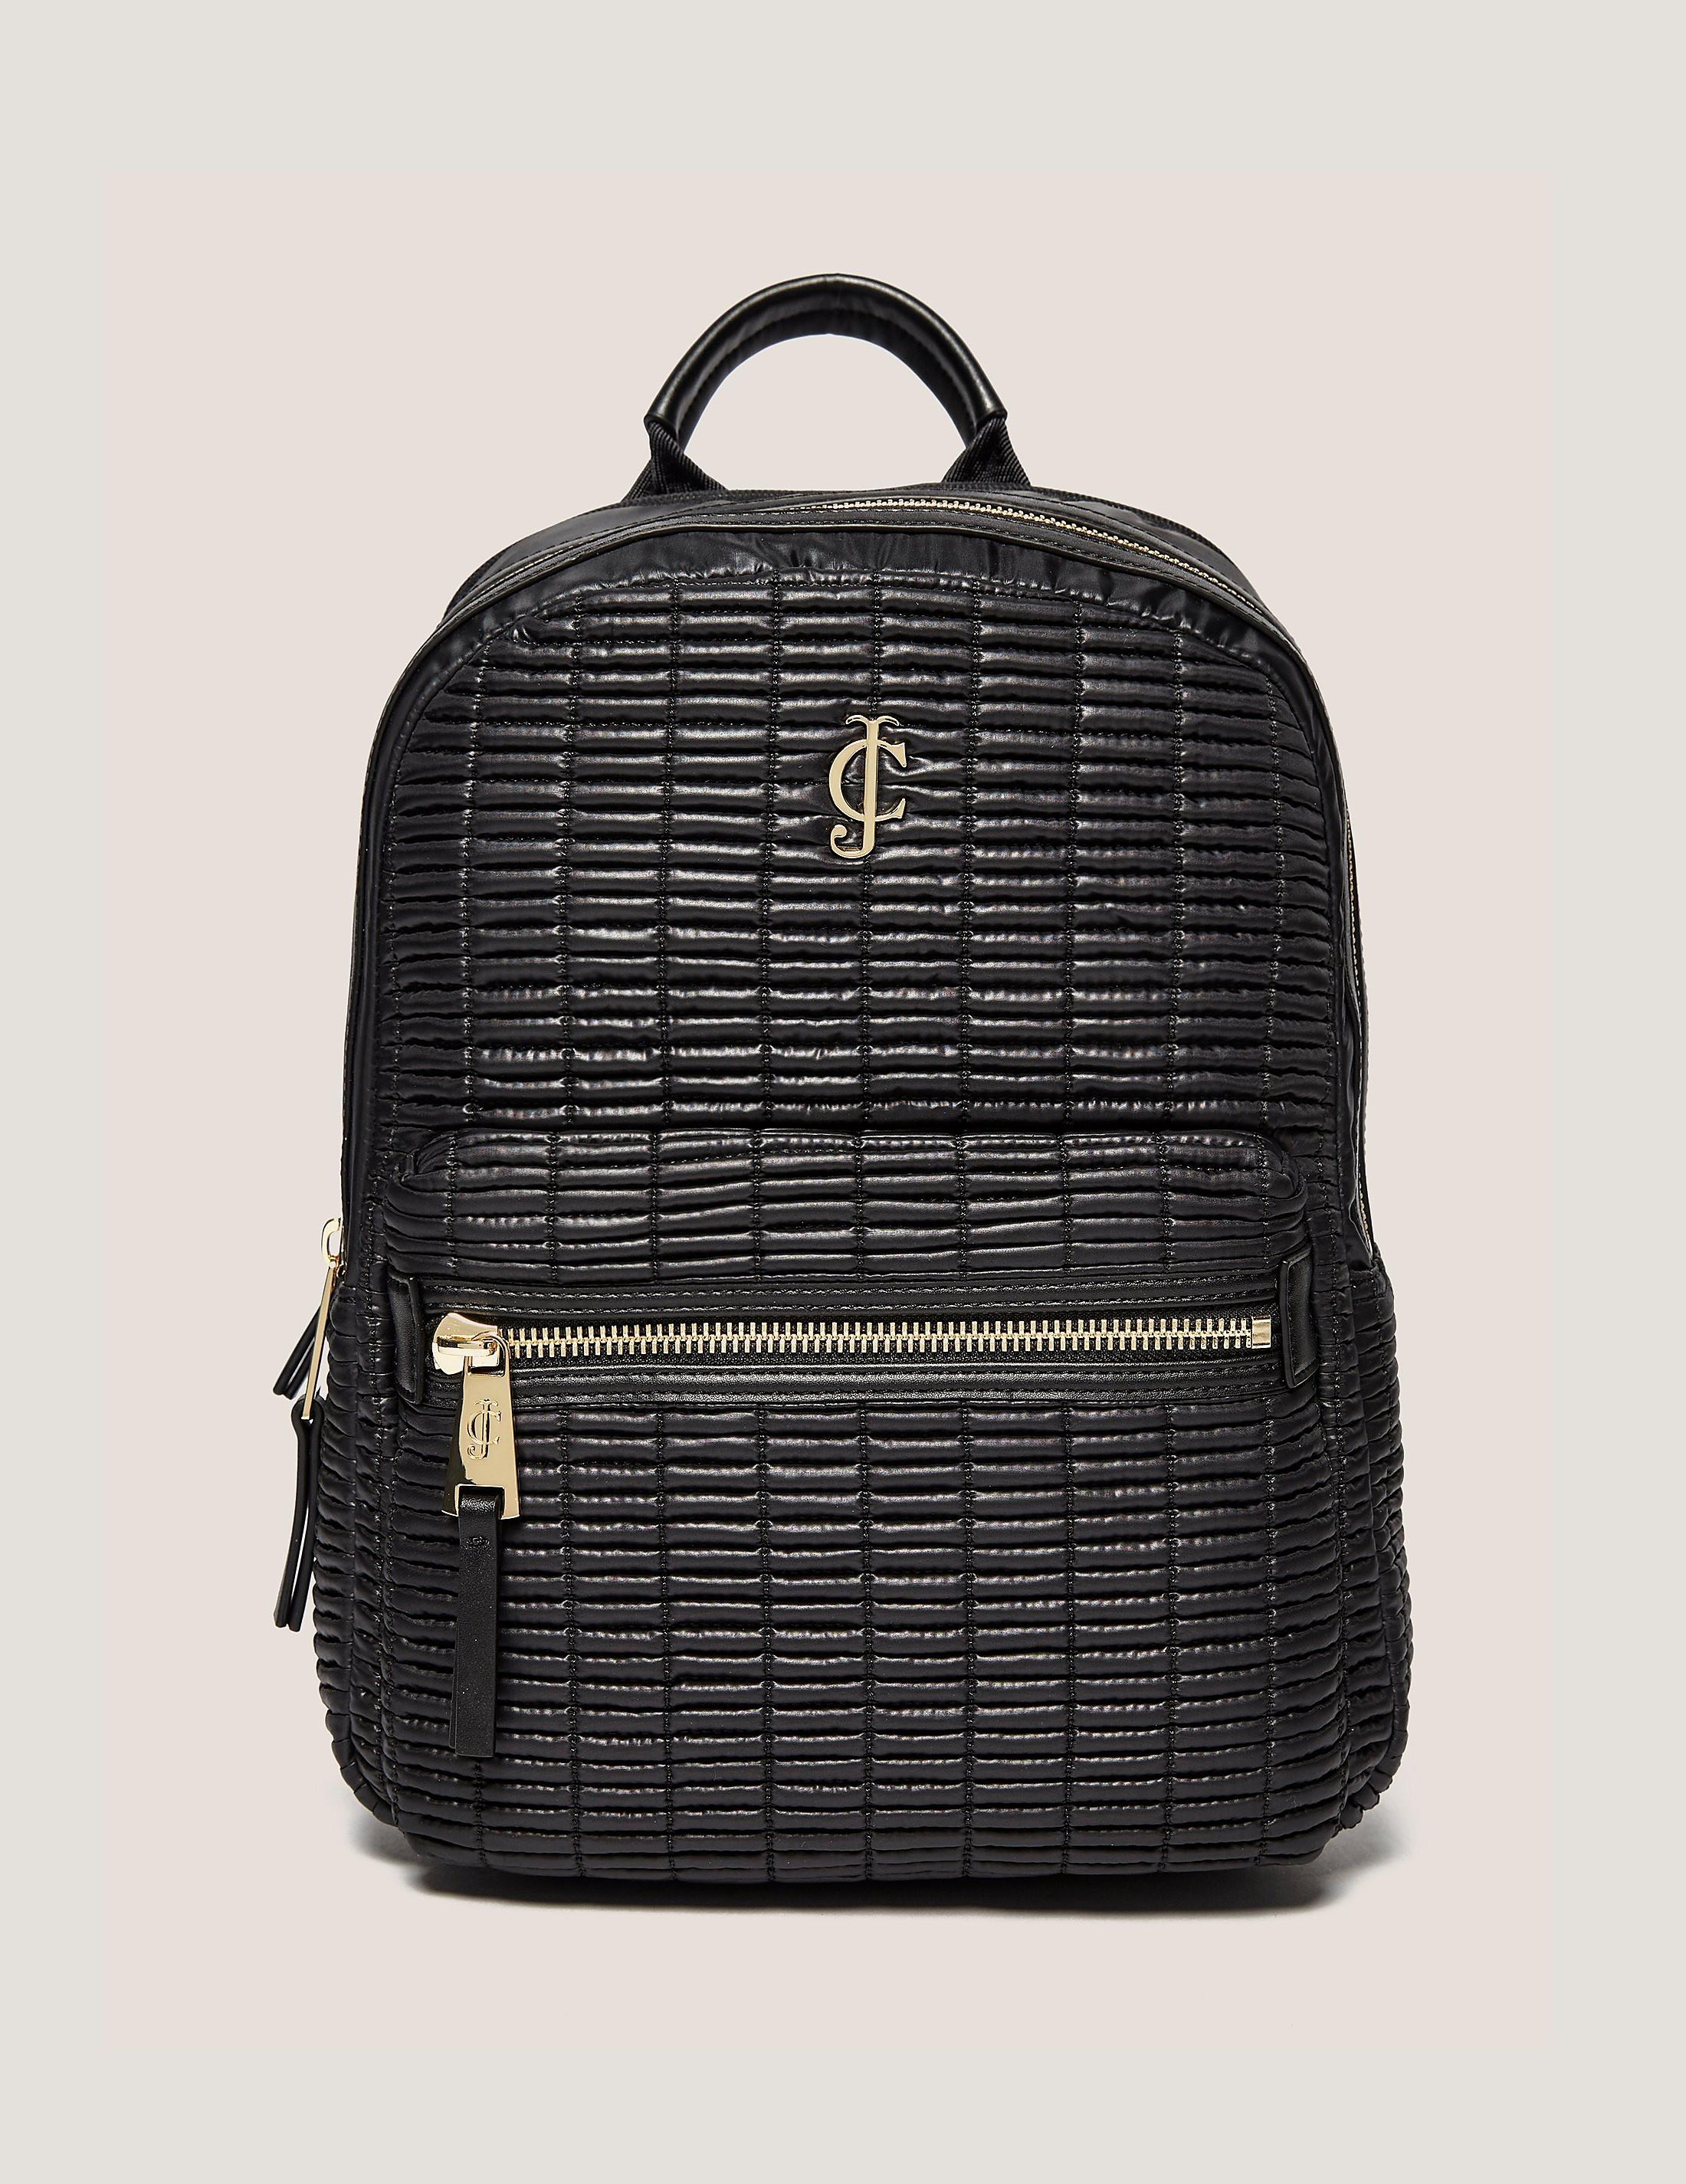 Juicy Couture Westlake Backpack